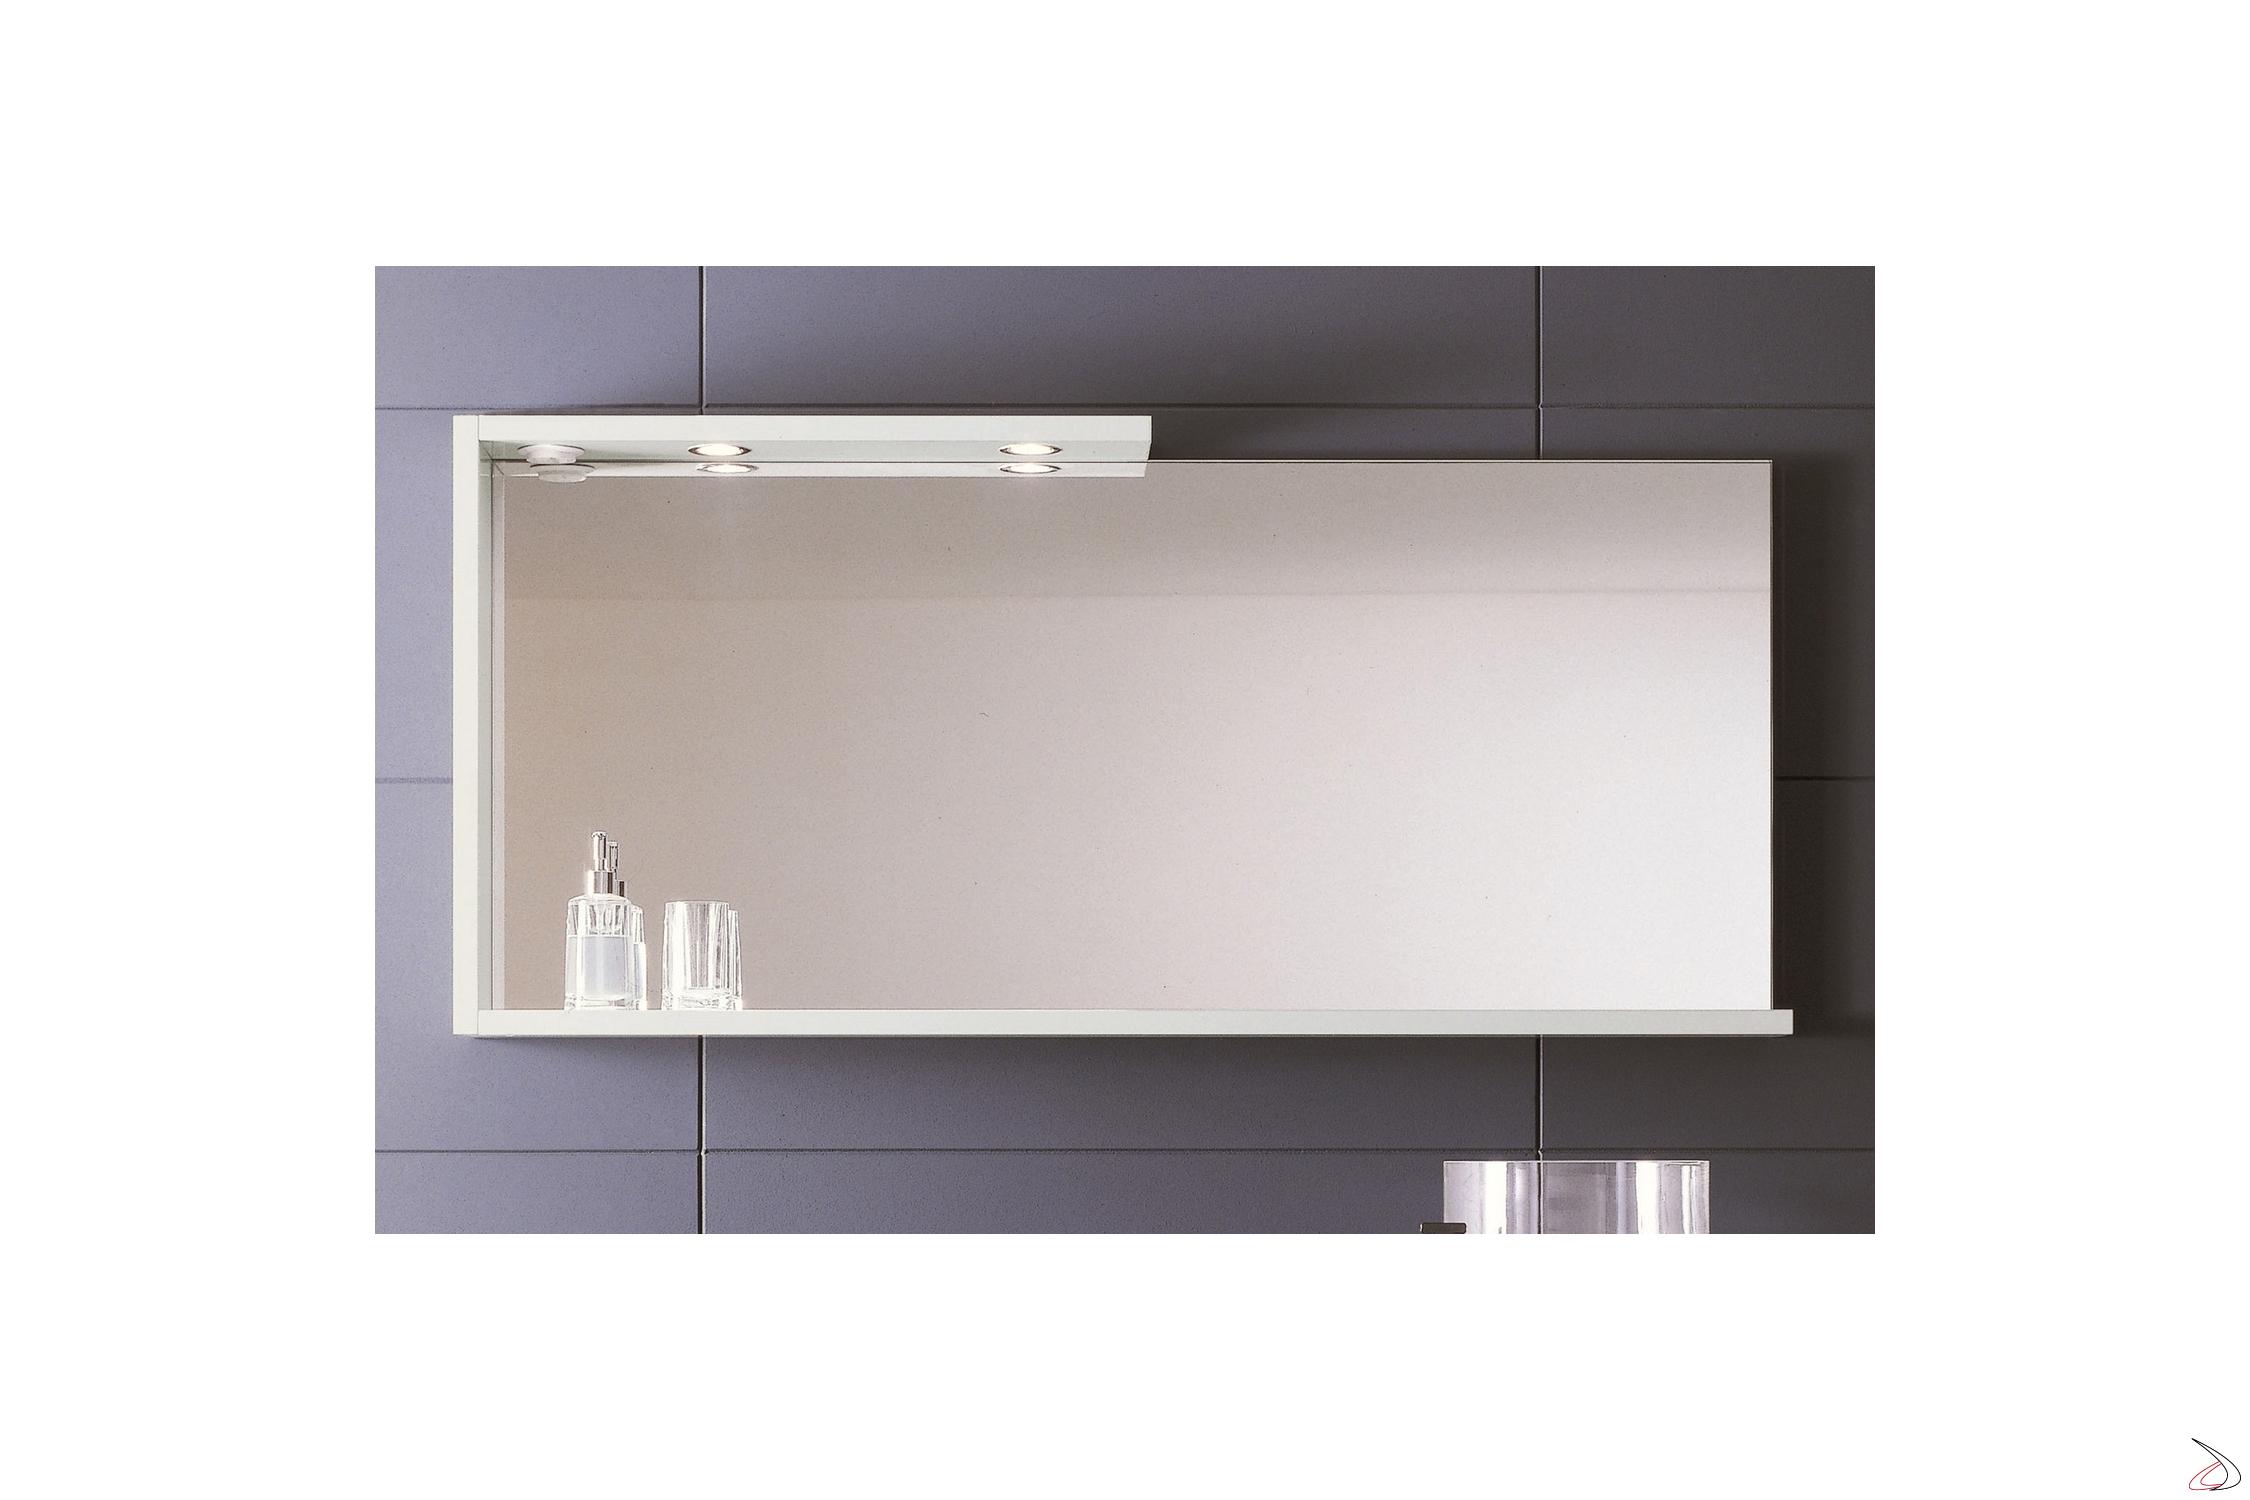 Specchio Bagno Con Mensola E Luce.Specchio Con Luce Da Bagno From Toparredi Arredo Design Online